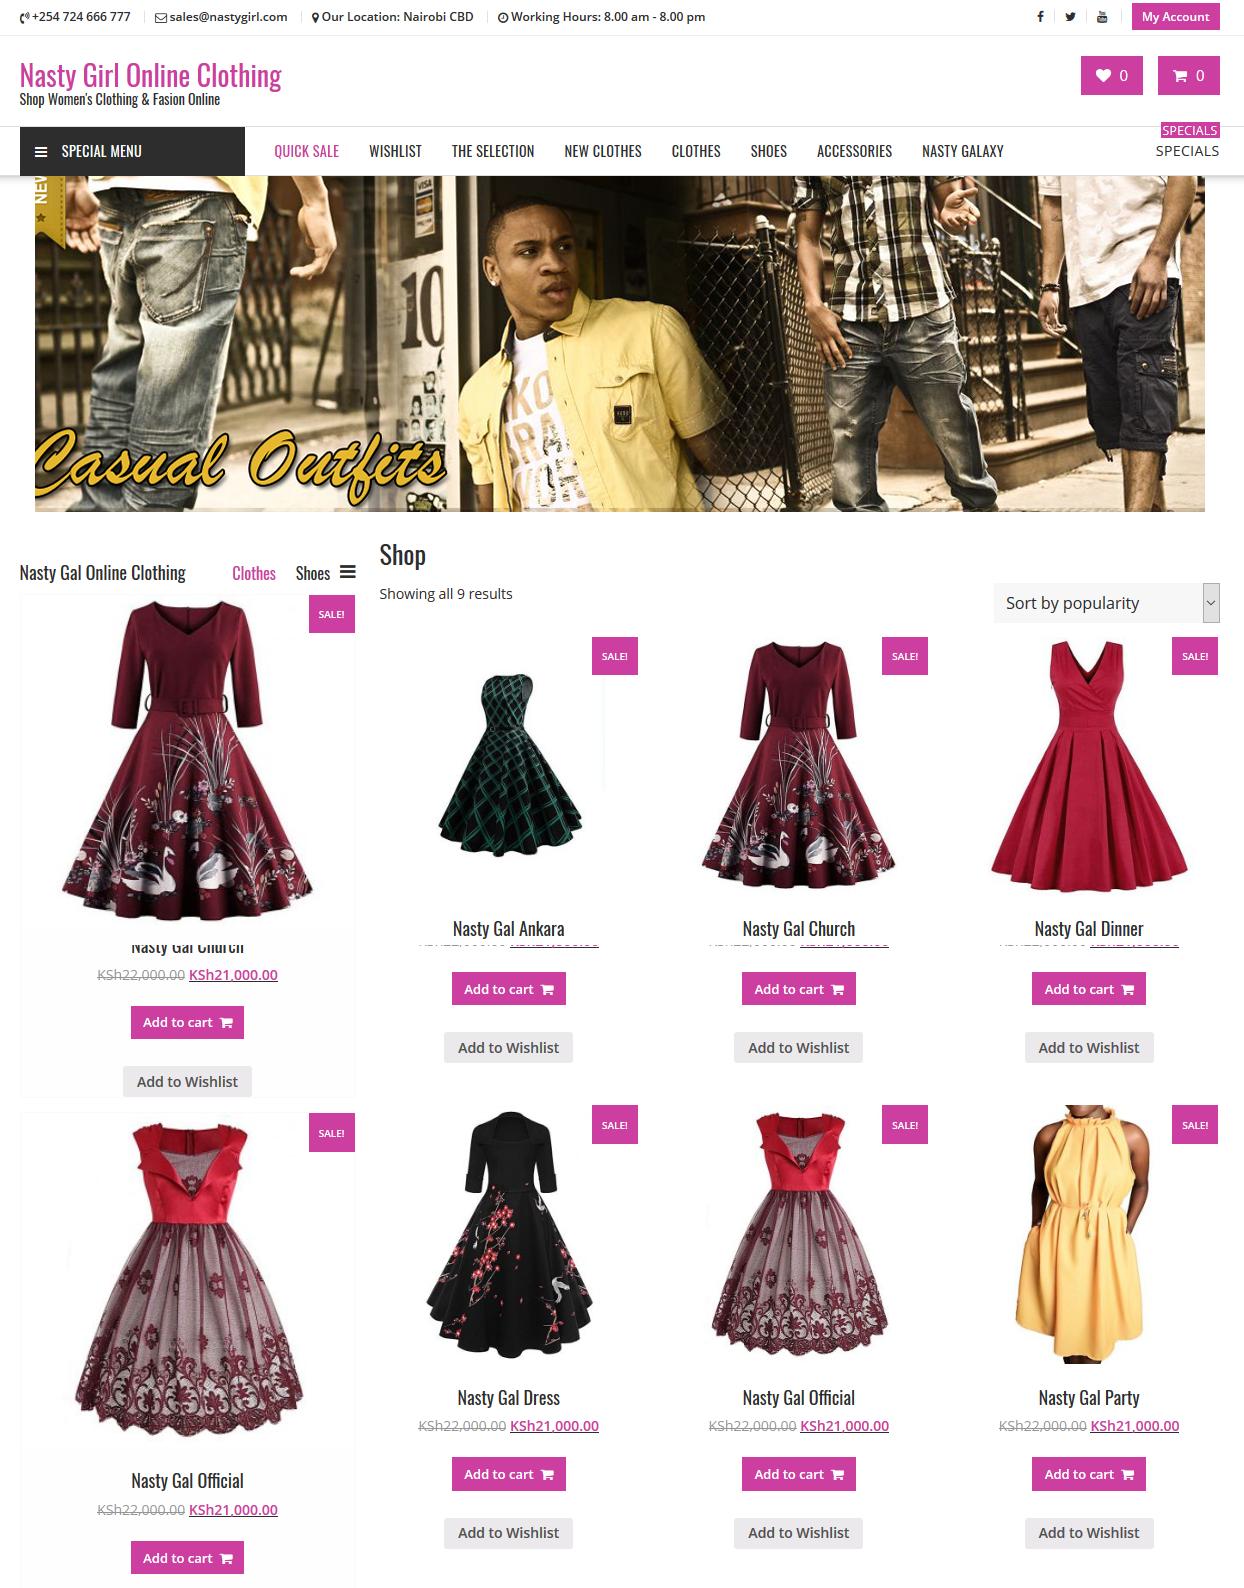 Nasty Girl Online Shop